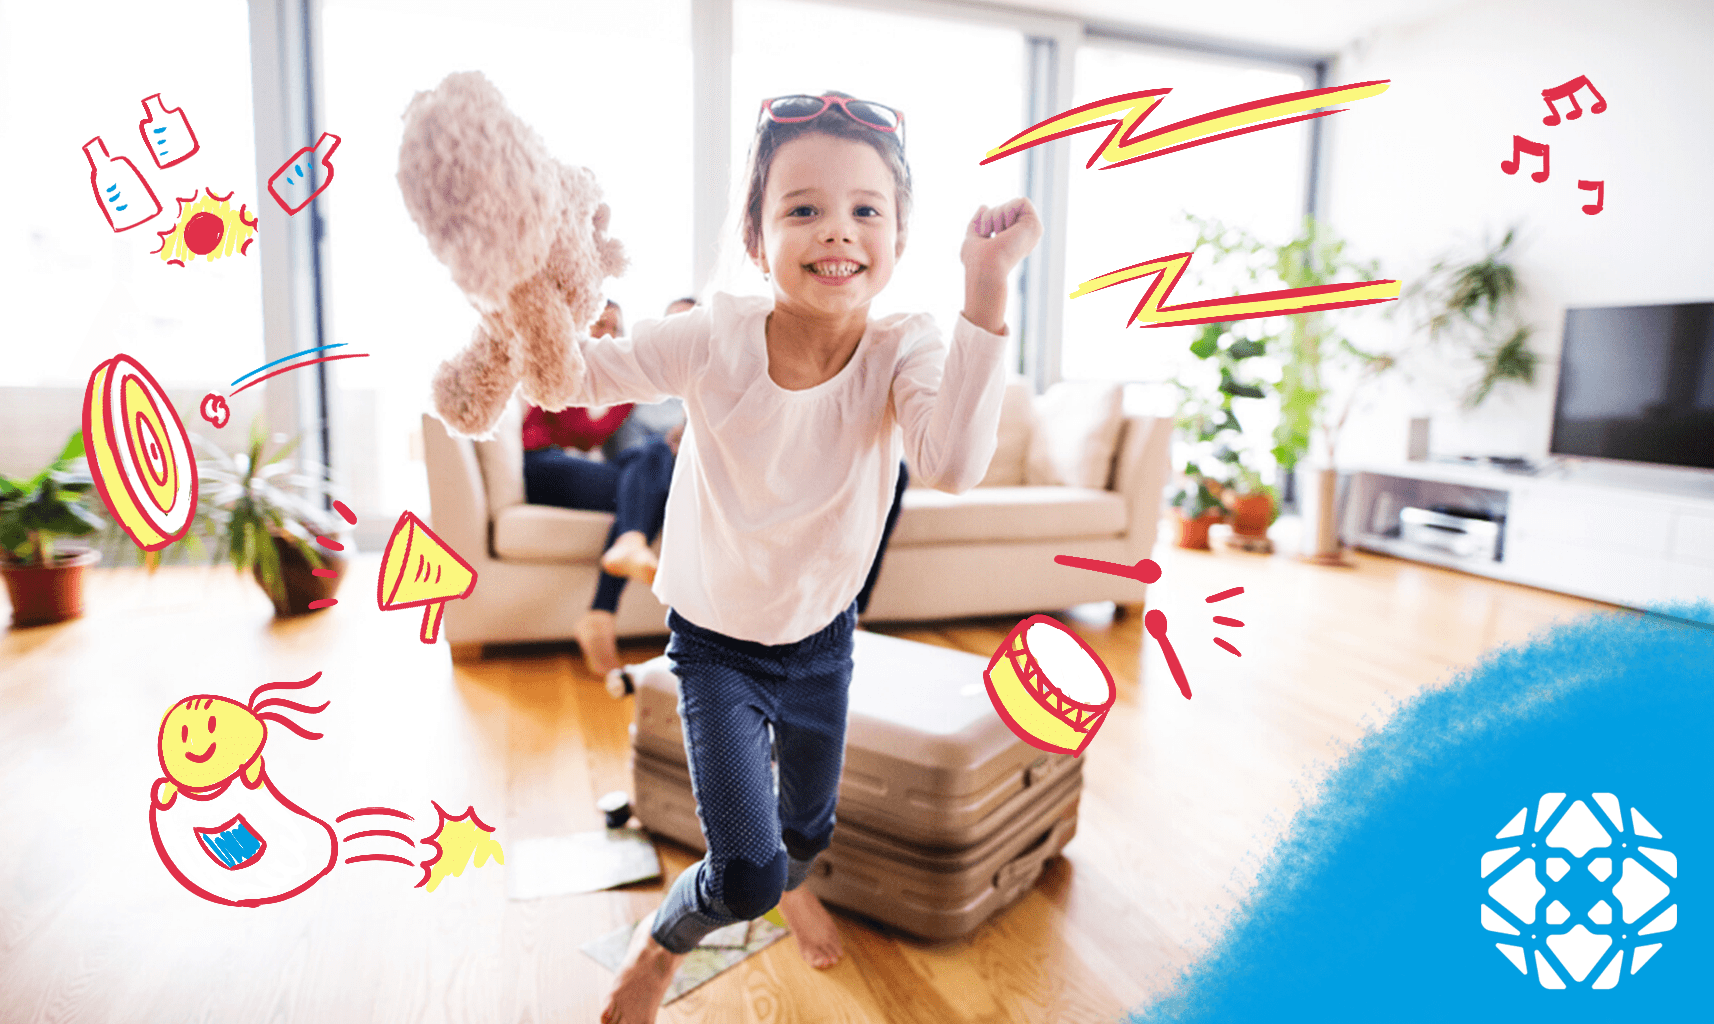 atividade fisica brincadeiras e muita diversão crianças quarentena coronavírus